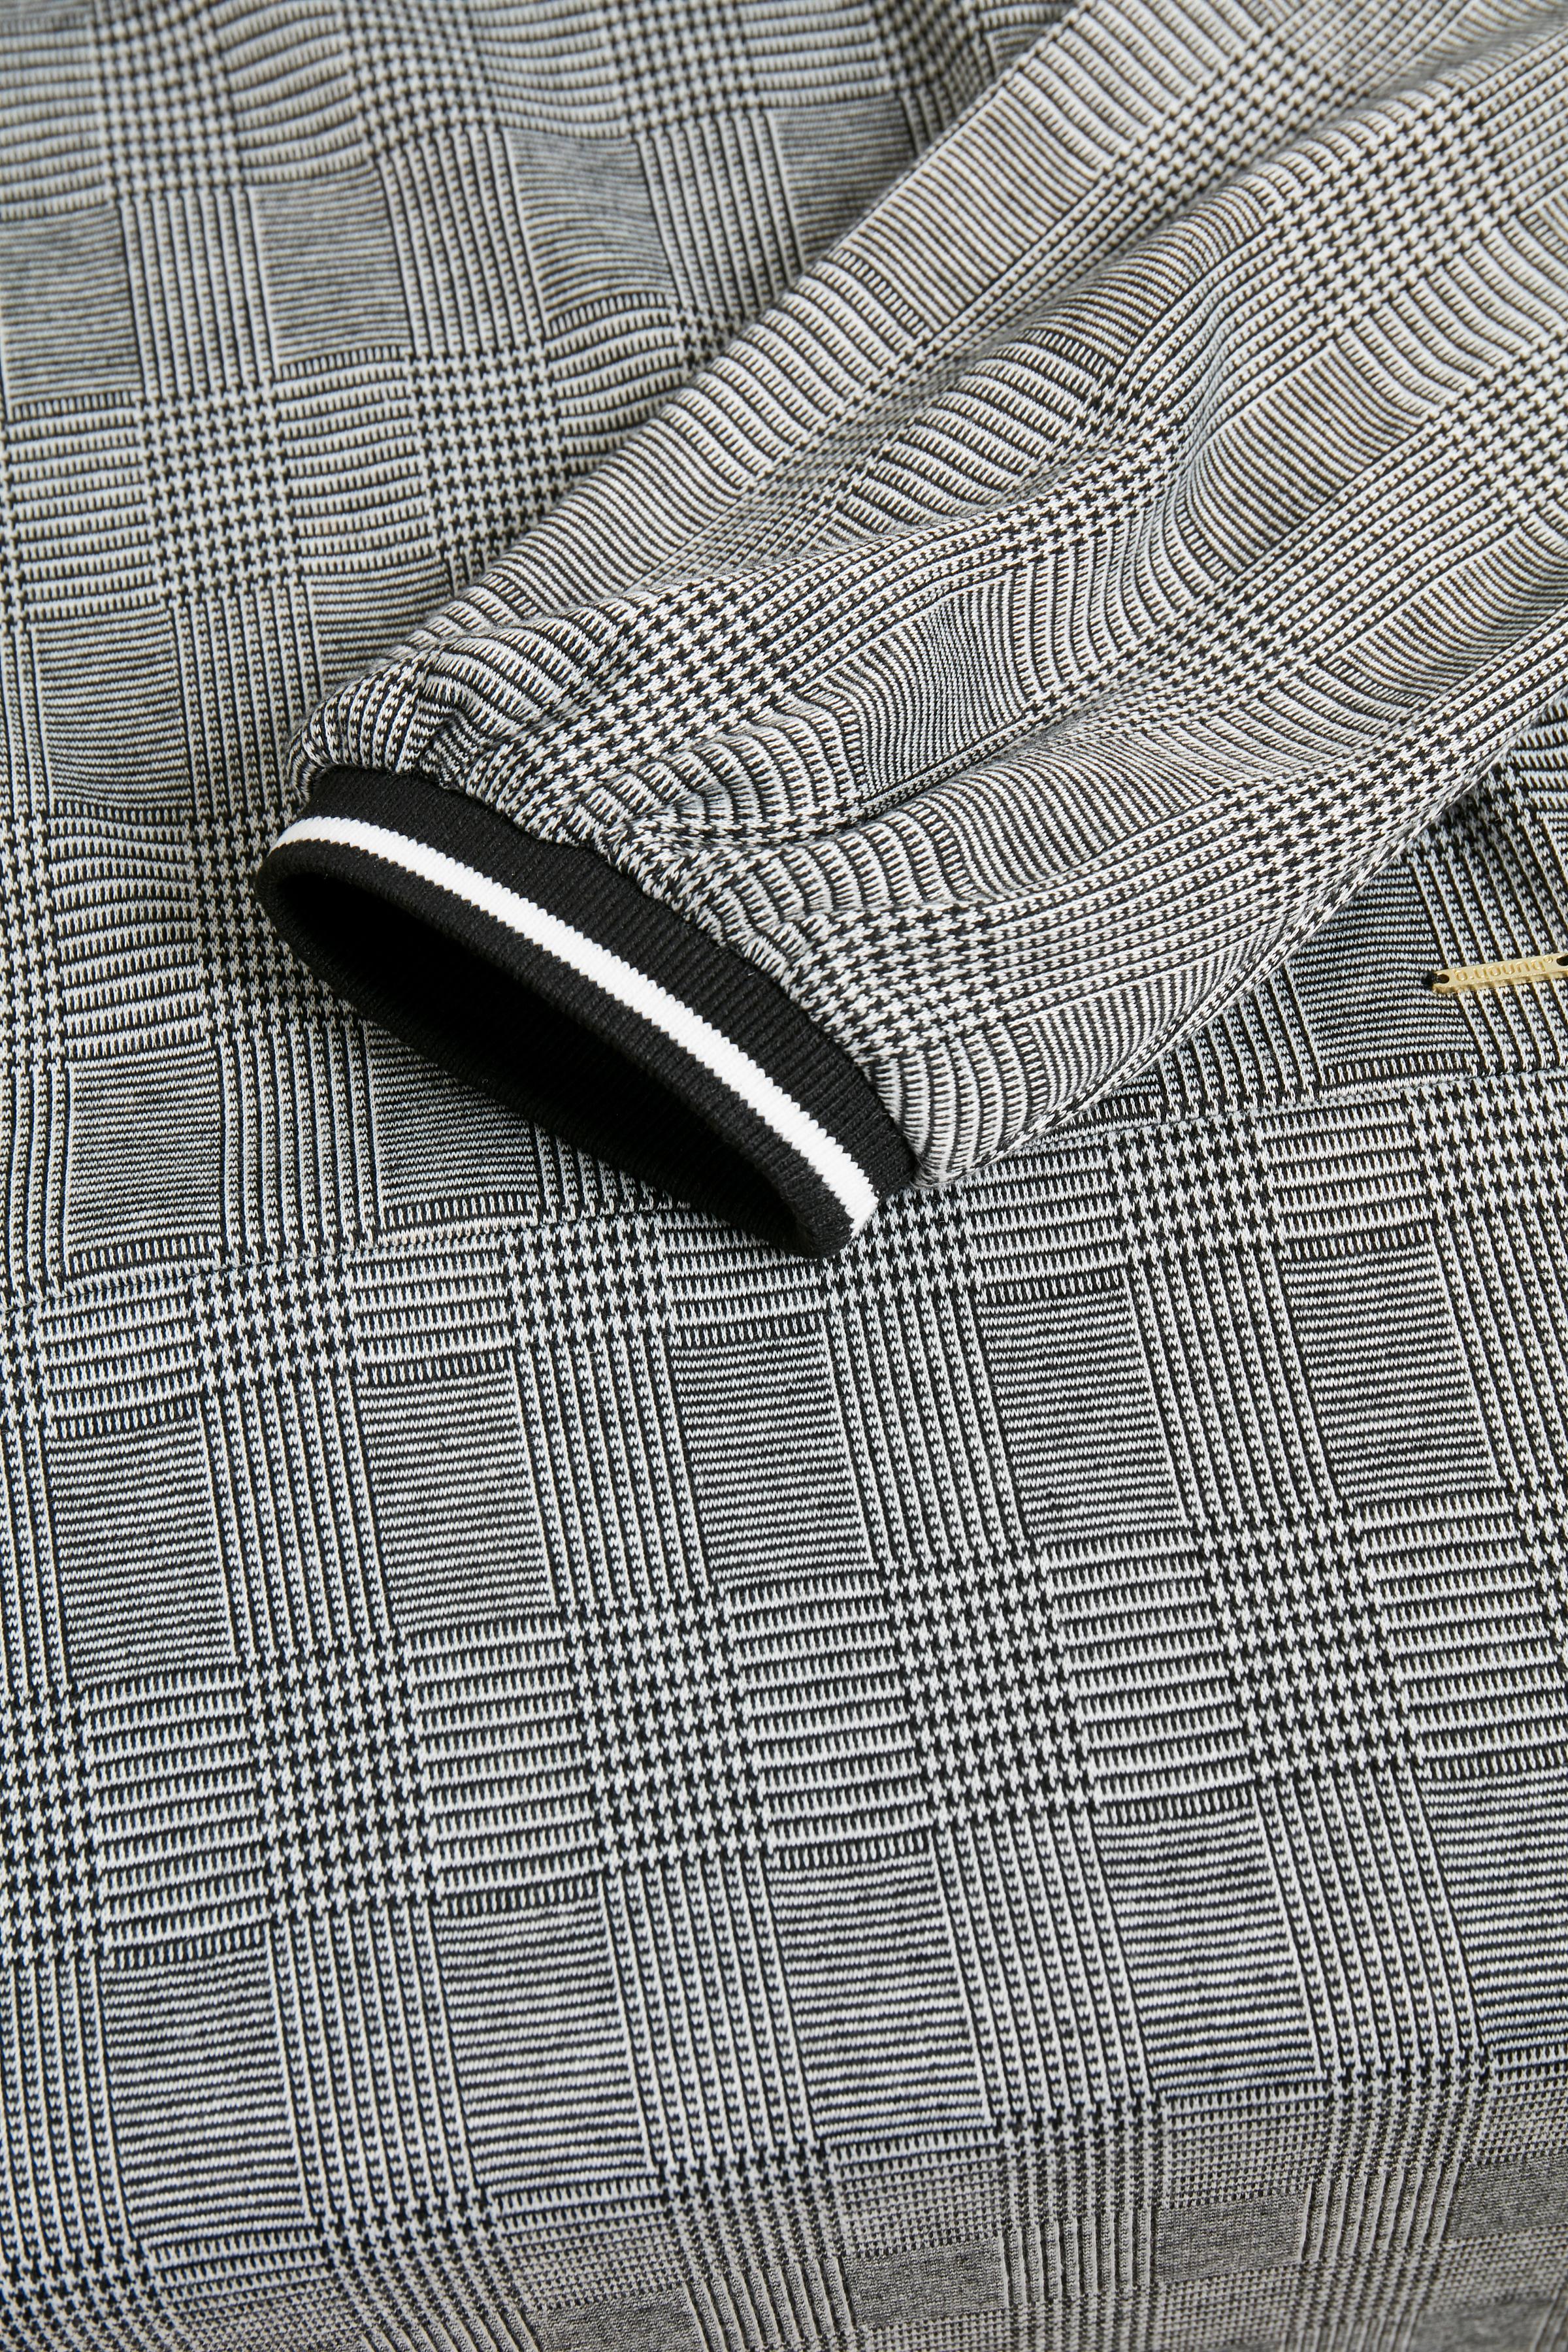 Black combi Jerseykleid von b.young – Kaufen Sie Black combi Jerseykleid aus Größe XS-XXL hier